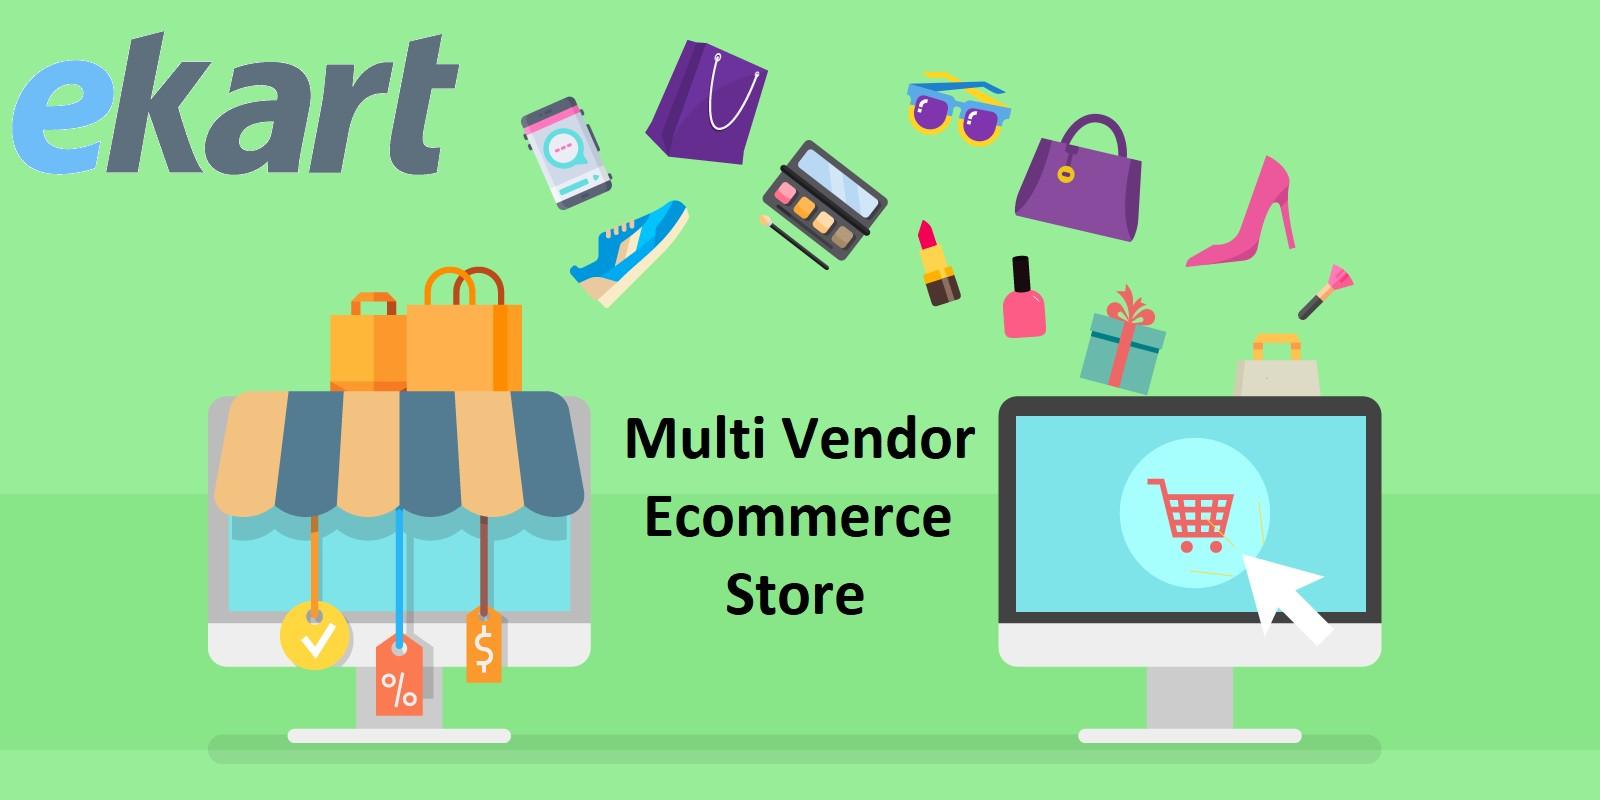 Ekart - Multi Vendor Ecommerce Store PHP | Codester